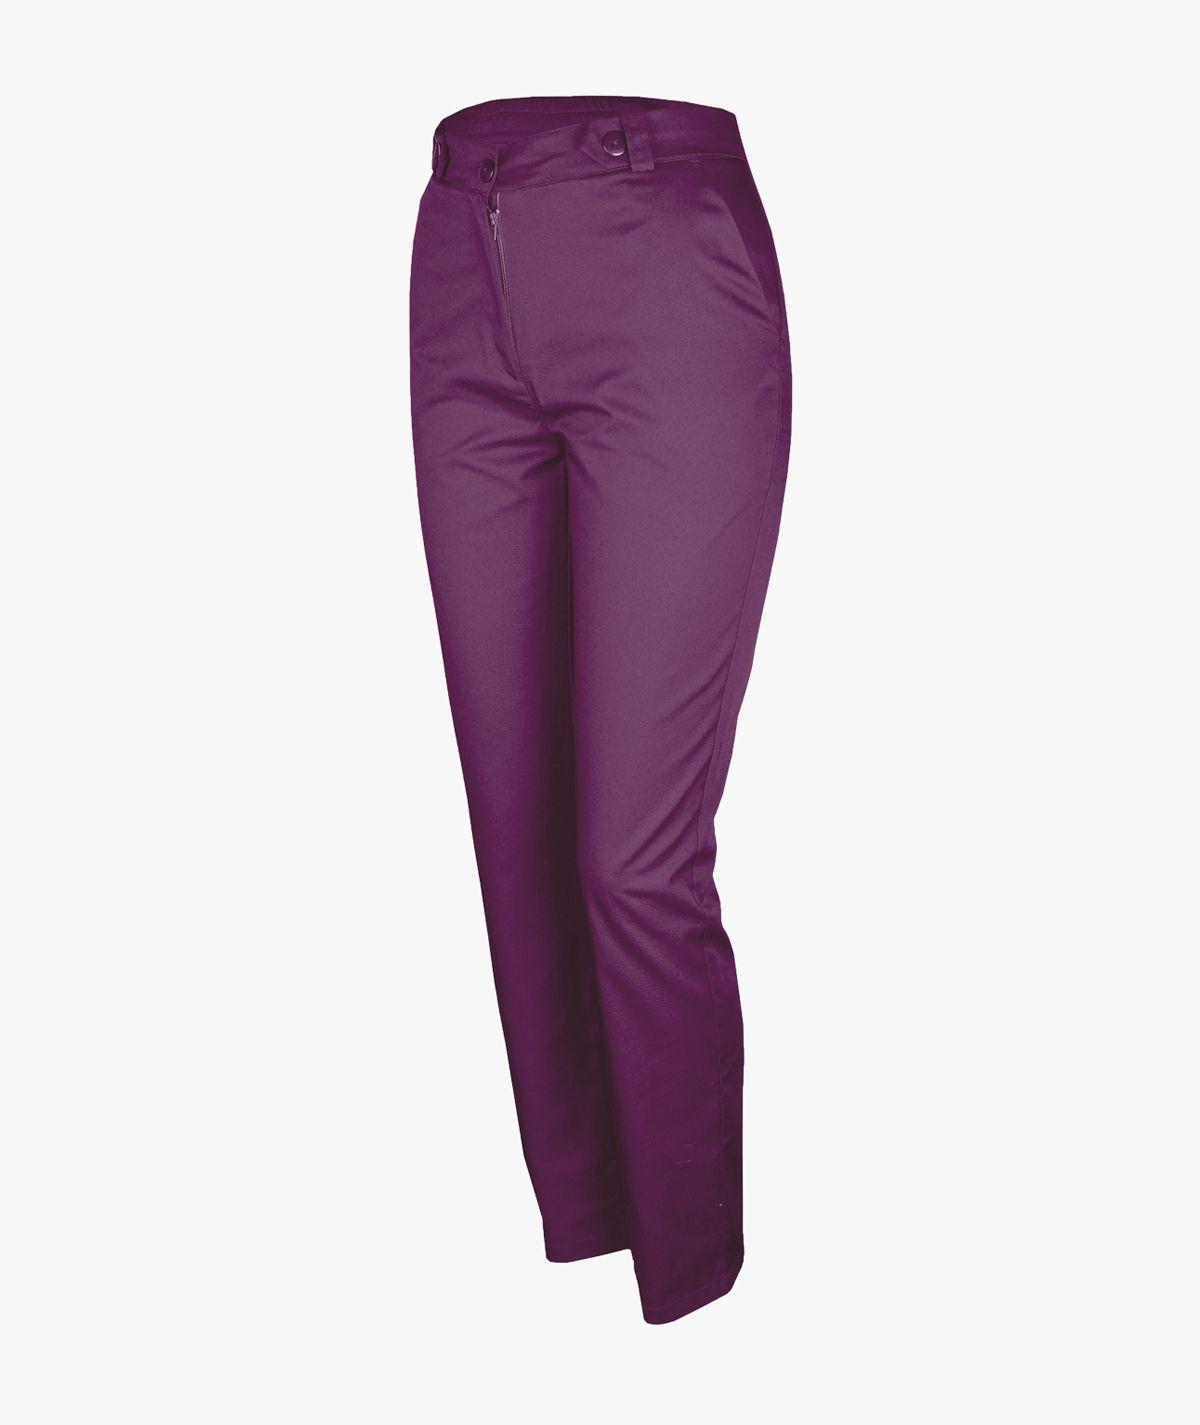 Bakłażanowe spodnie medyczne Mira